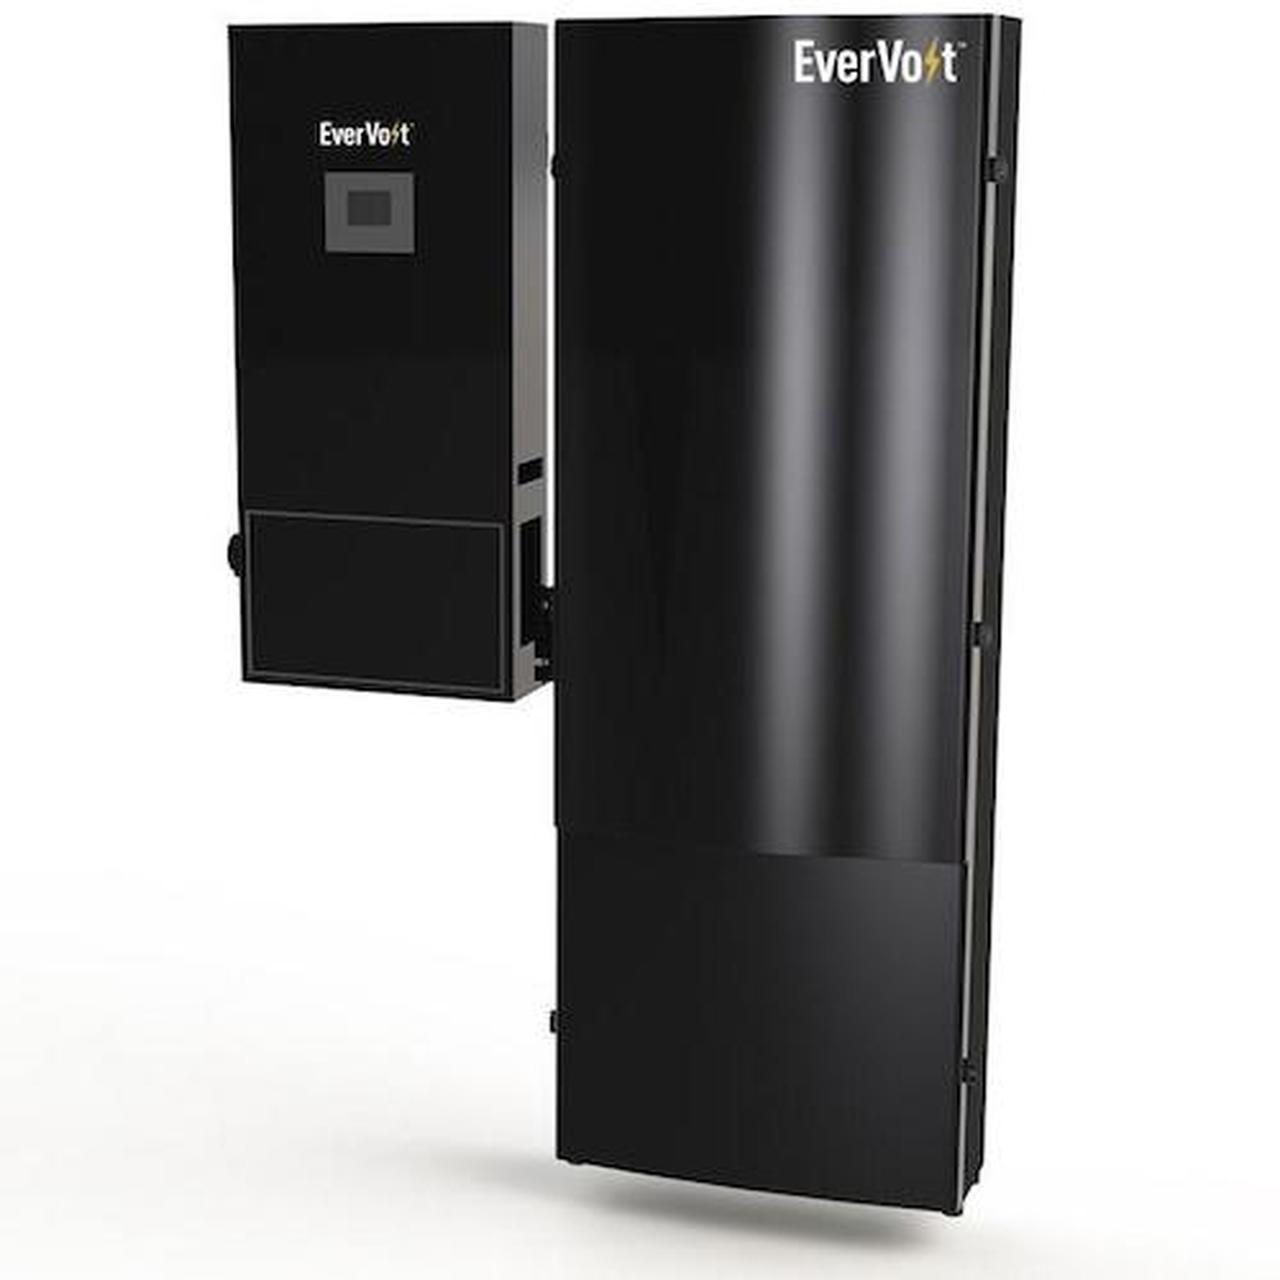 EVDC-105-4